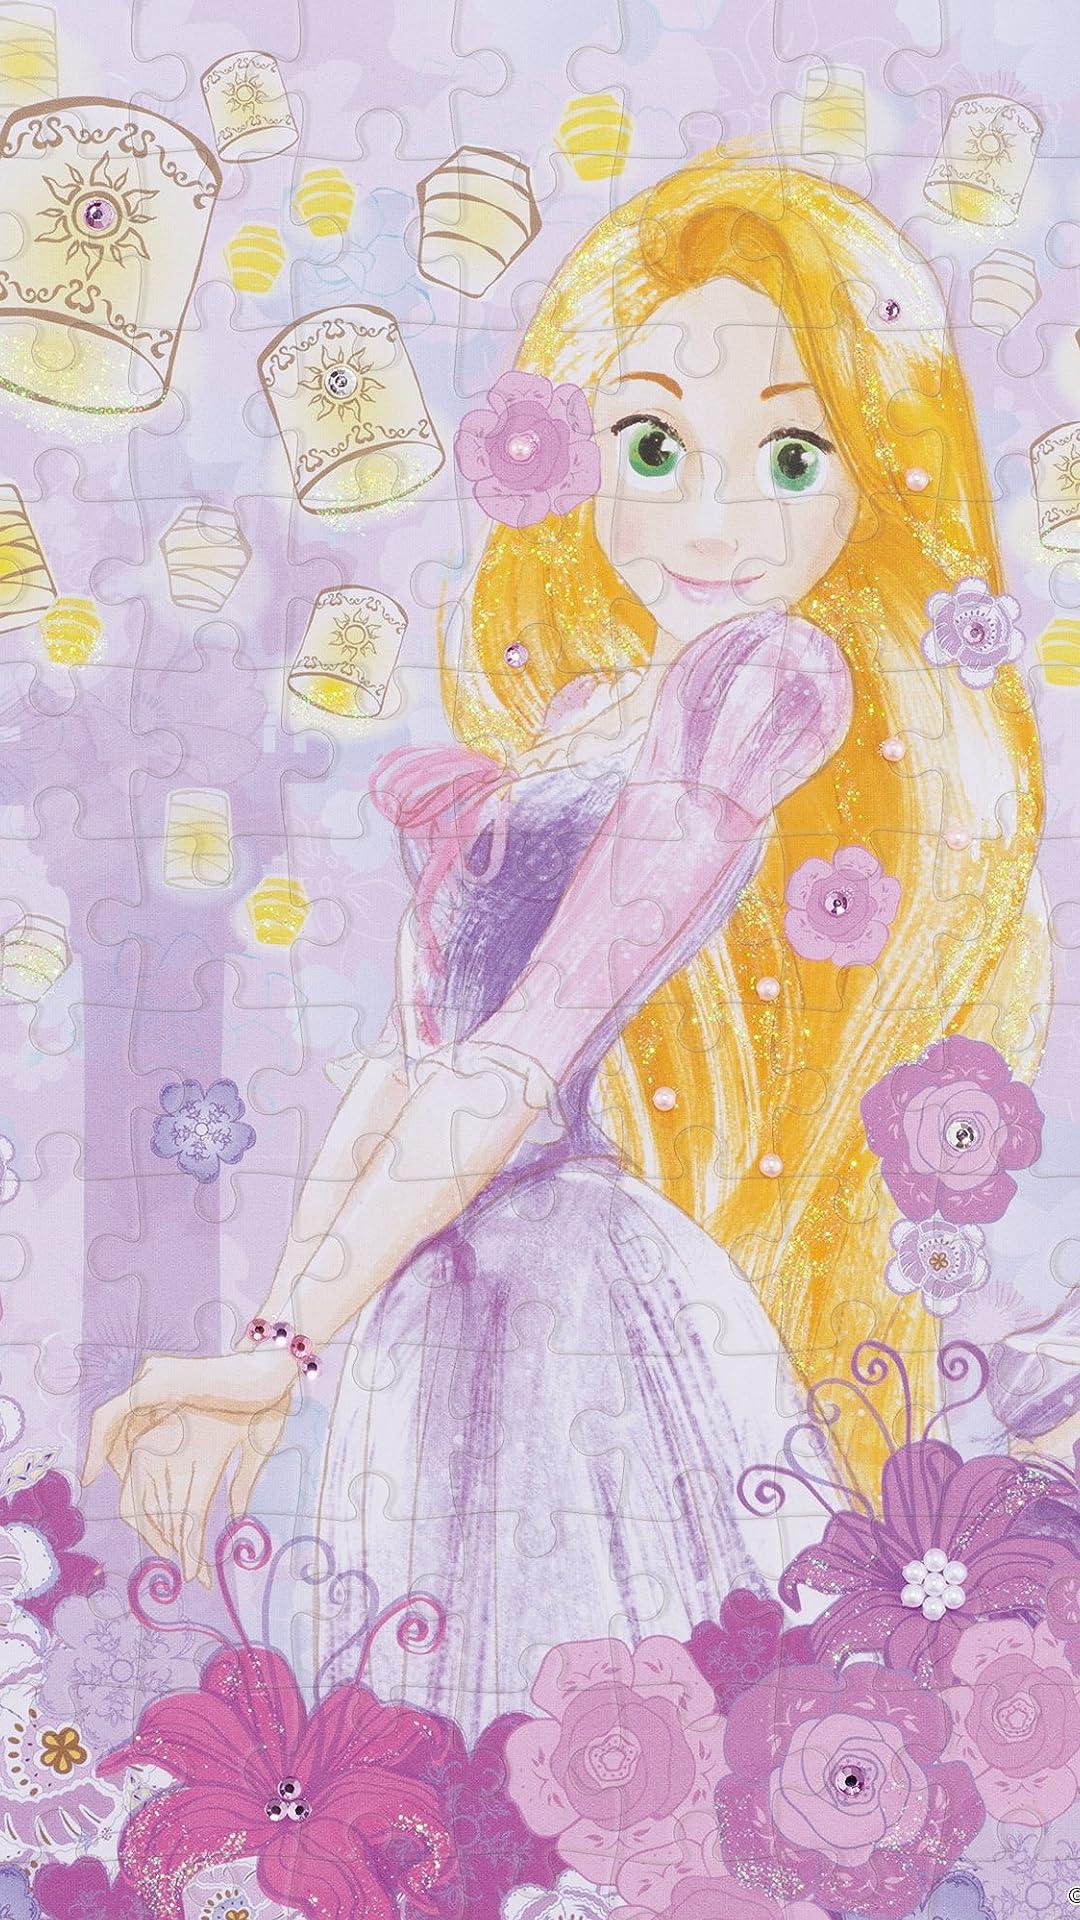 ディズニー 塔の上のラプンツェル Rapunzel (ラプンツェル) フルHD(1080×1920)スマホ壁紙/待受 画像71722 スマポ